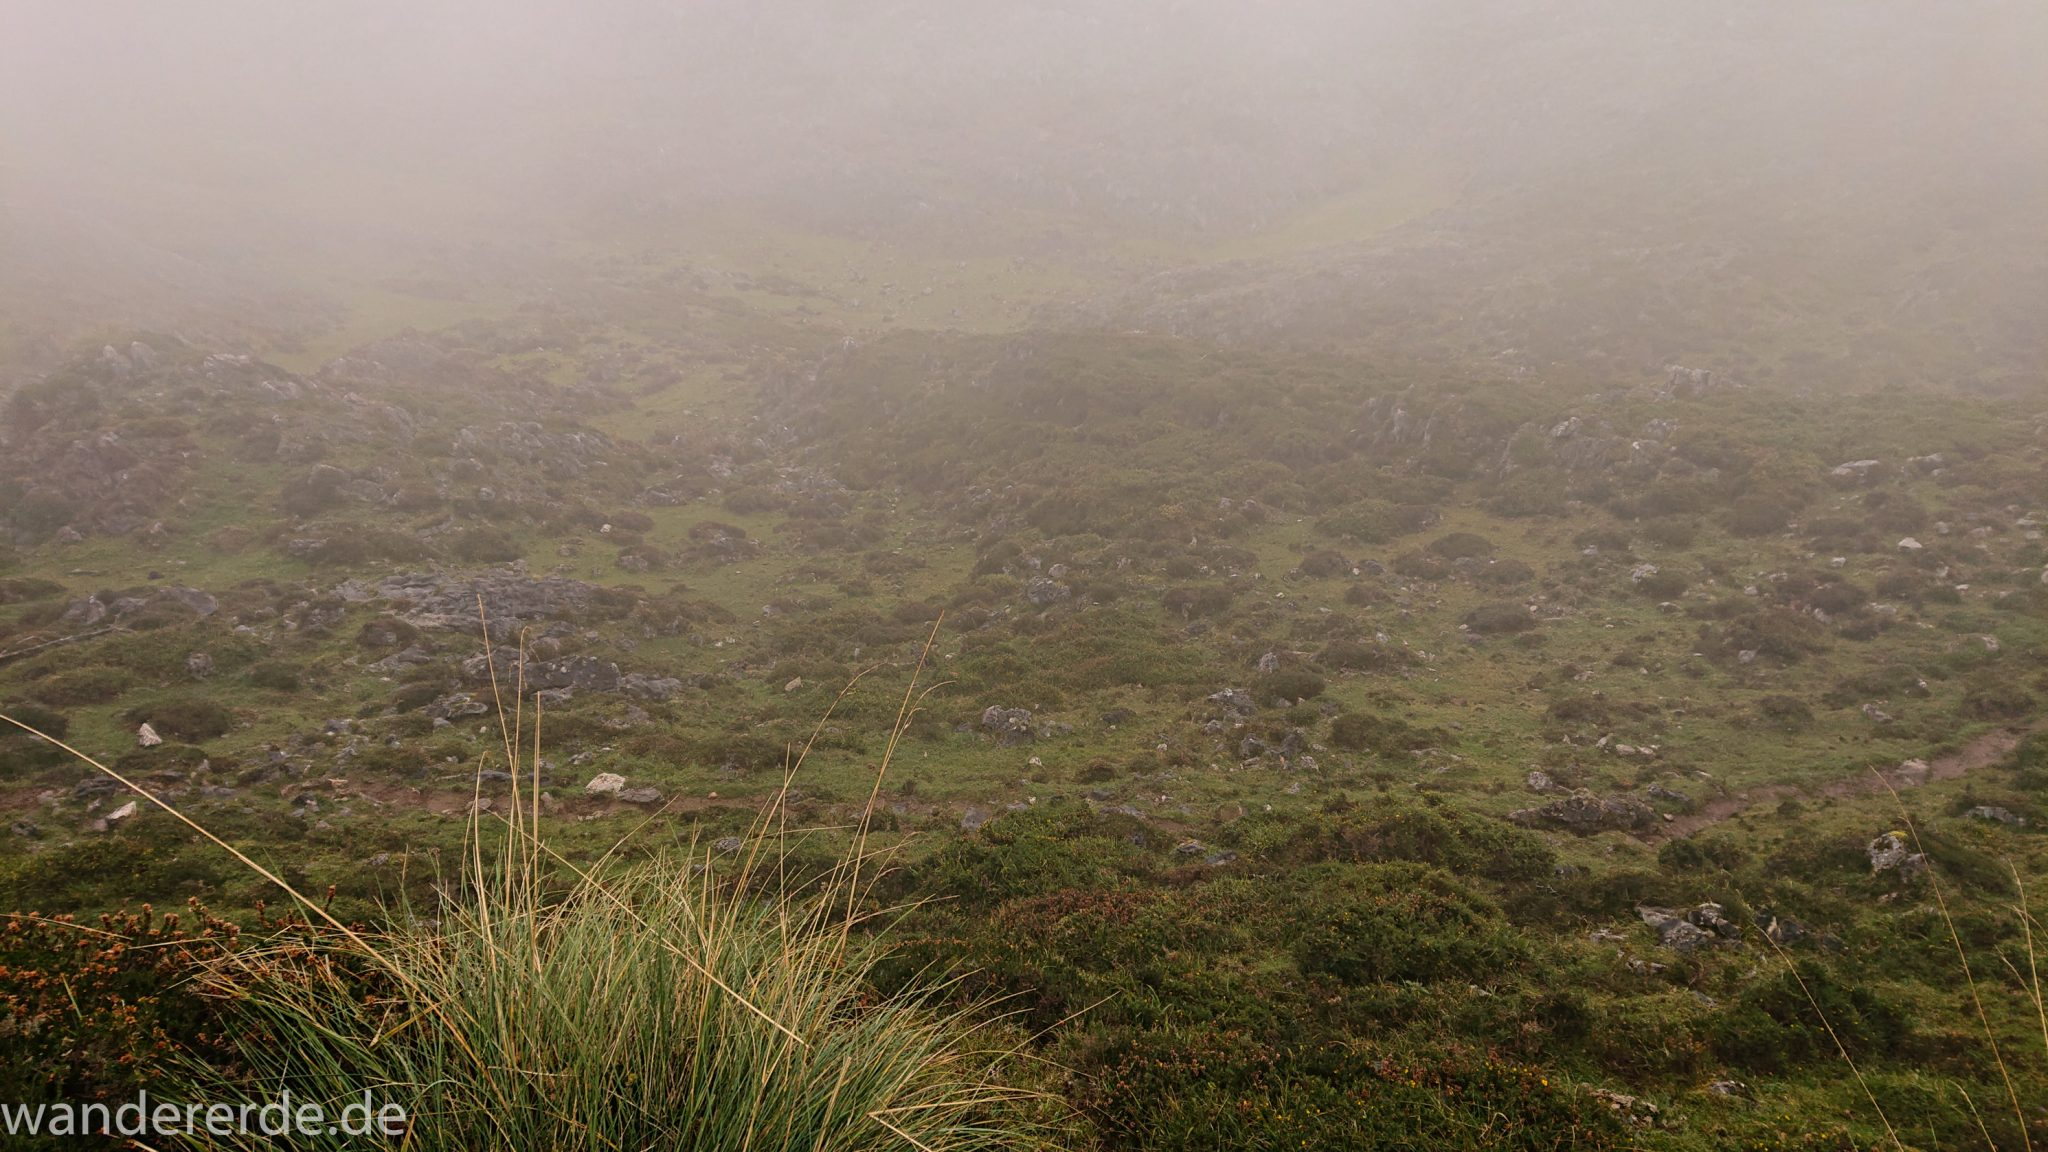 Wanderung Vega de Ario Picos de Europa Spanien, dichte Wolken, Bergregion in Nordspanien, Wandern, zerklüftete Felsen, Steine, schmaler Wanderpfad, atmosphärisch, grüne Wiese, Wolken ziehen auf, Grasbüschel